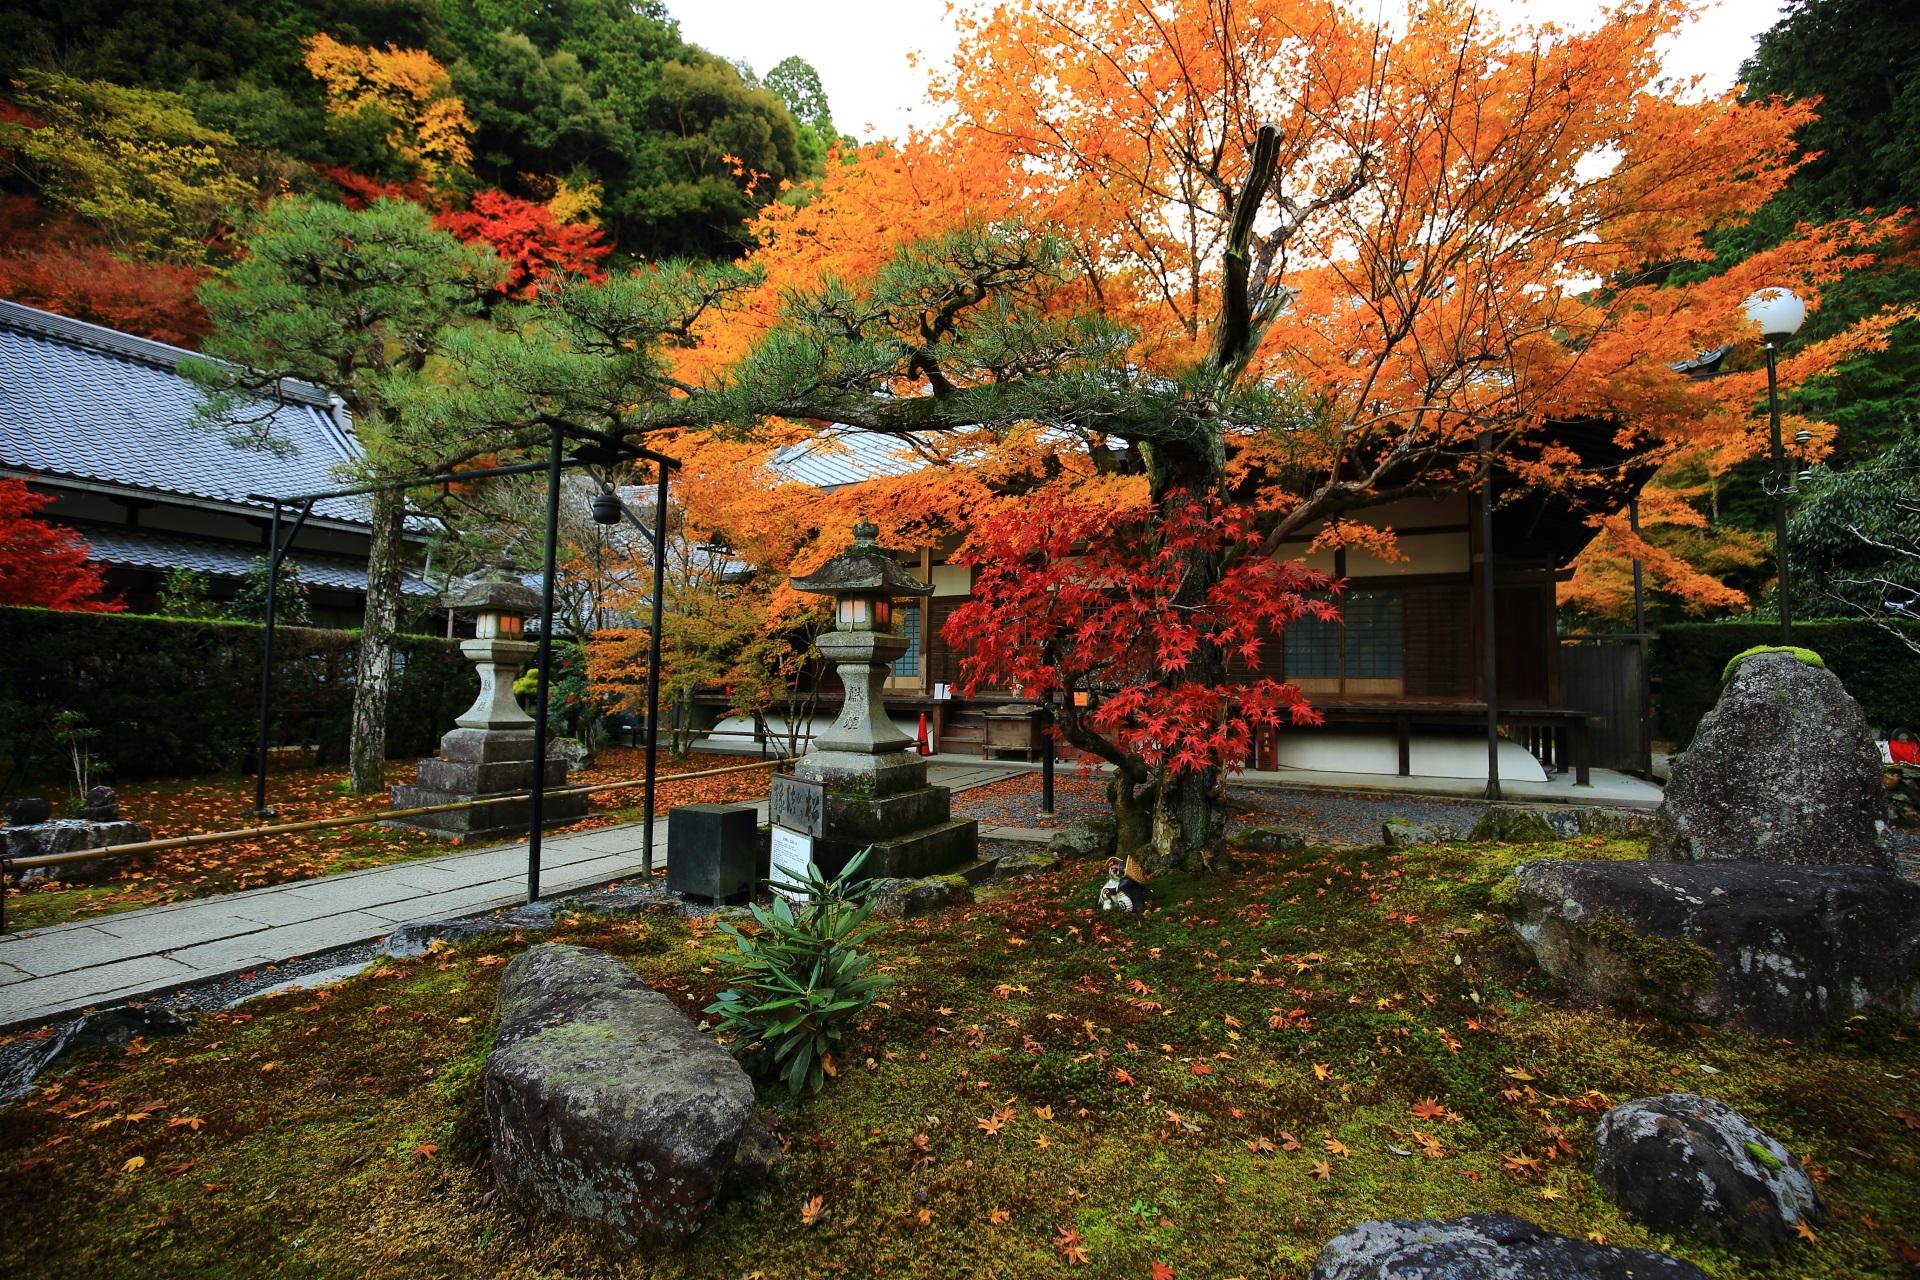 百日紅の木と一体化して育った珍しい松である縁結びの松と紅葉